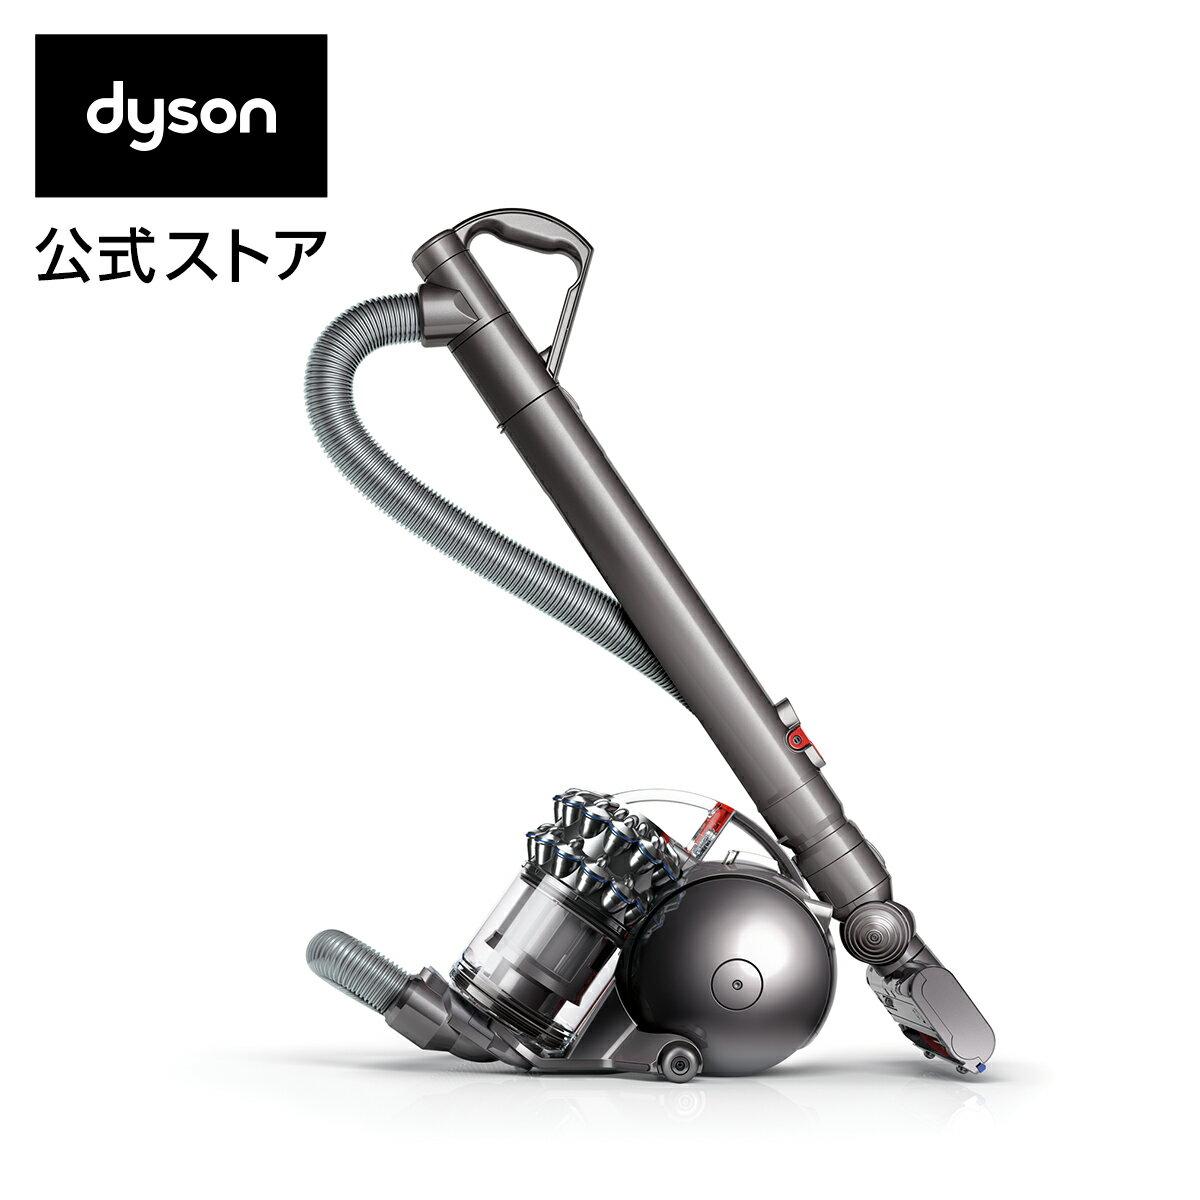 ダイソン Dyson Ball Motorhead+ サイクロン式 キャニスター型掃除機 DC63COM ニッケル/ブルー 【新品/メーカー2年保証】